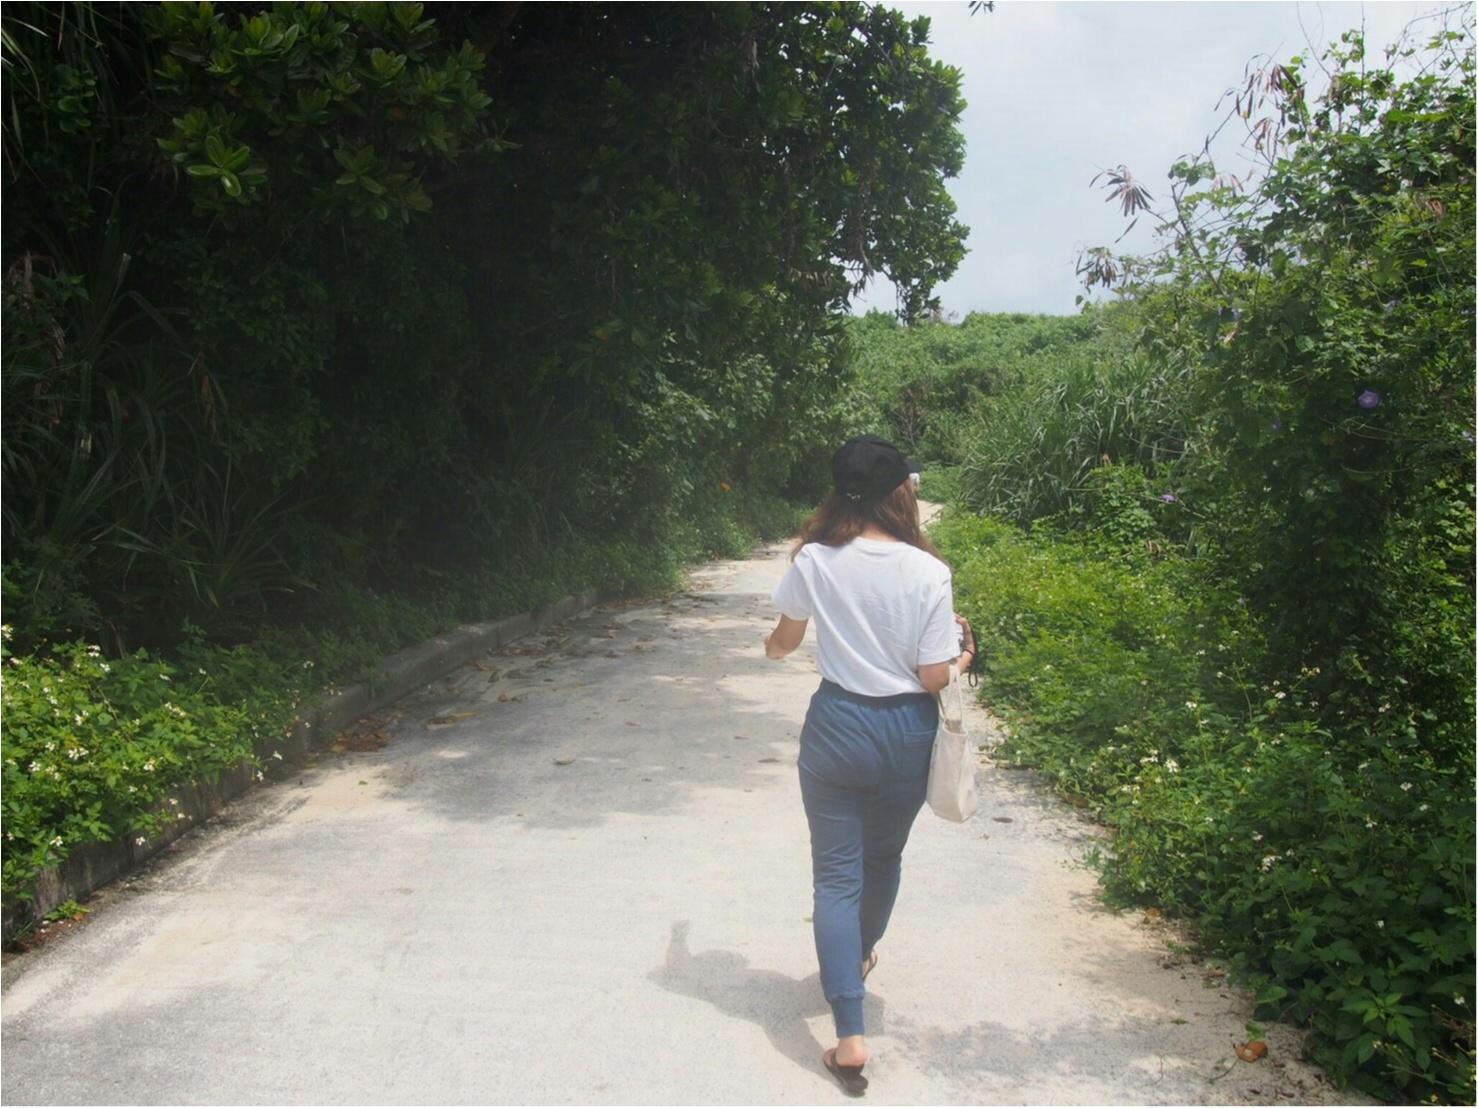 【宮古島】沖縄の離島が好きな人へ、1泊2日の弾丸旅のすすめ。_1